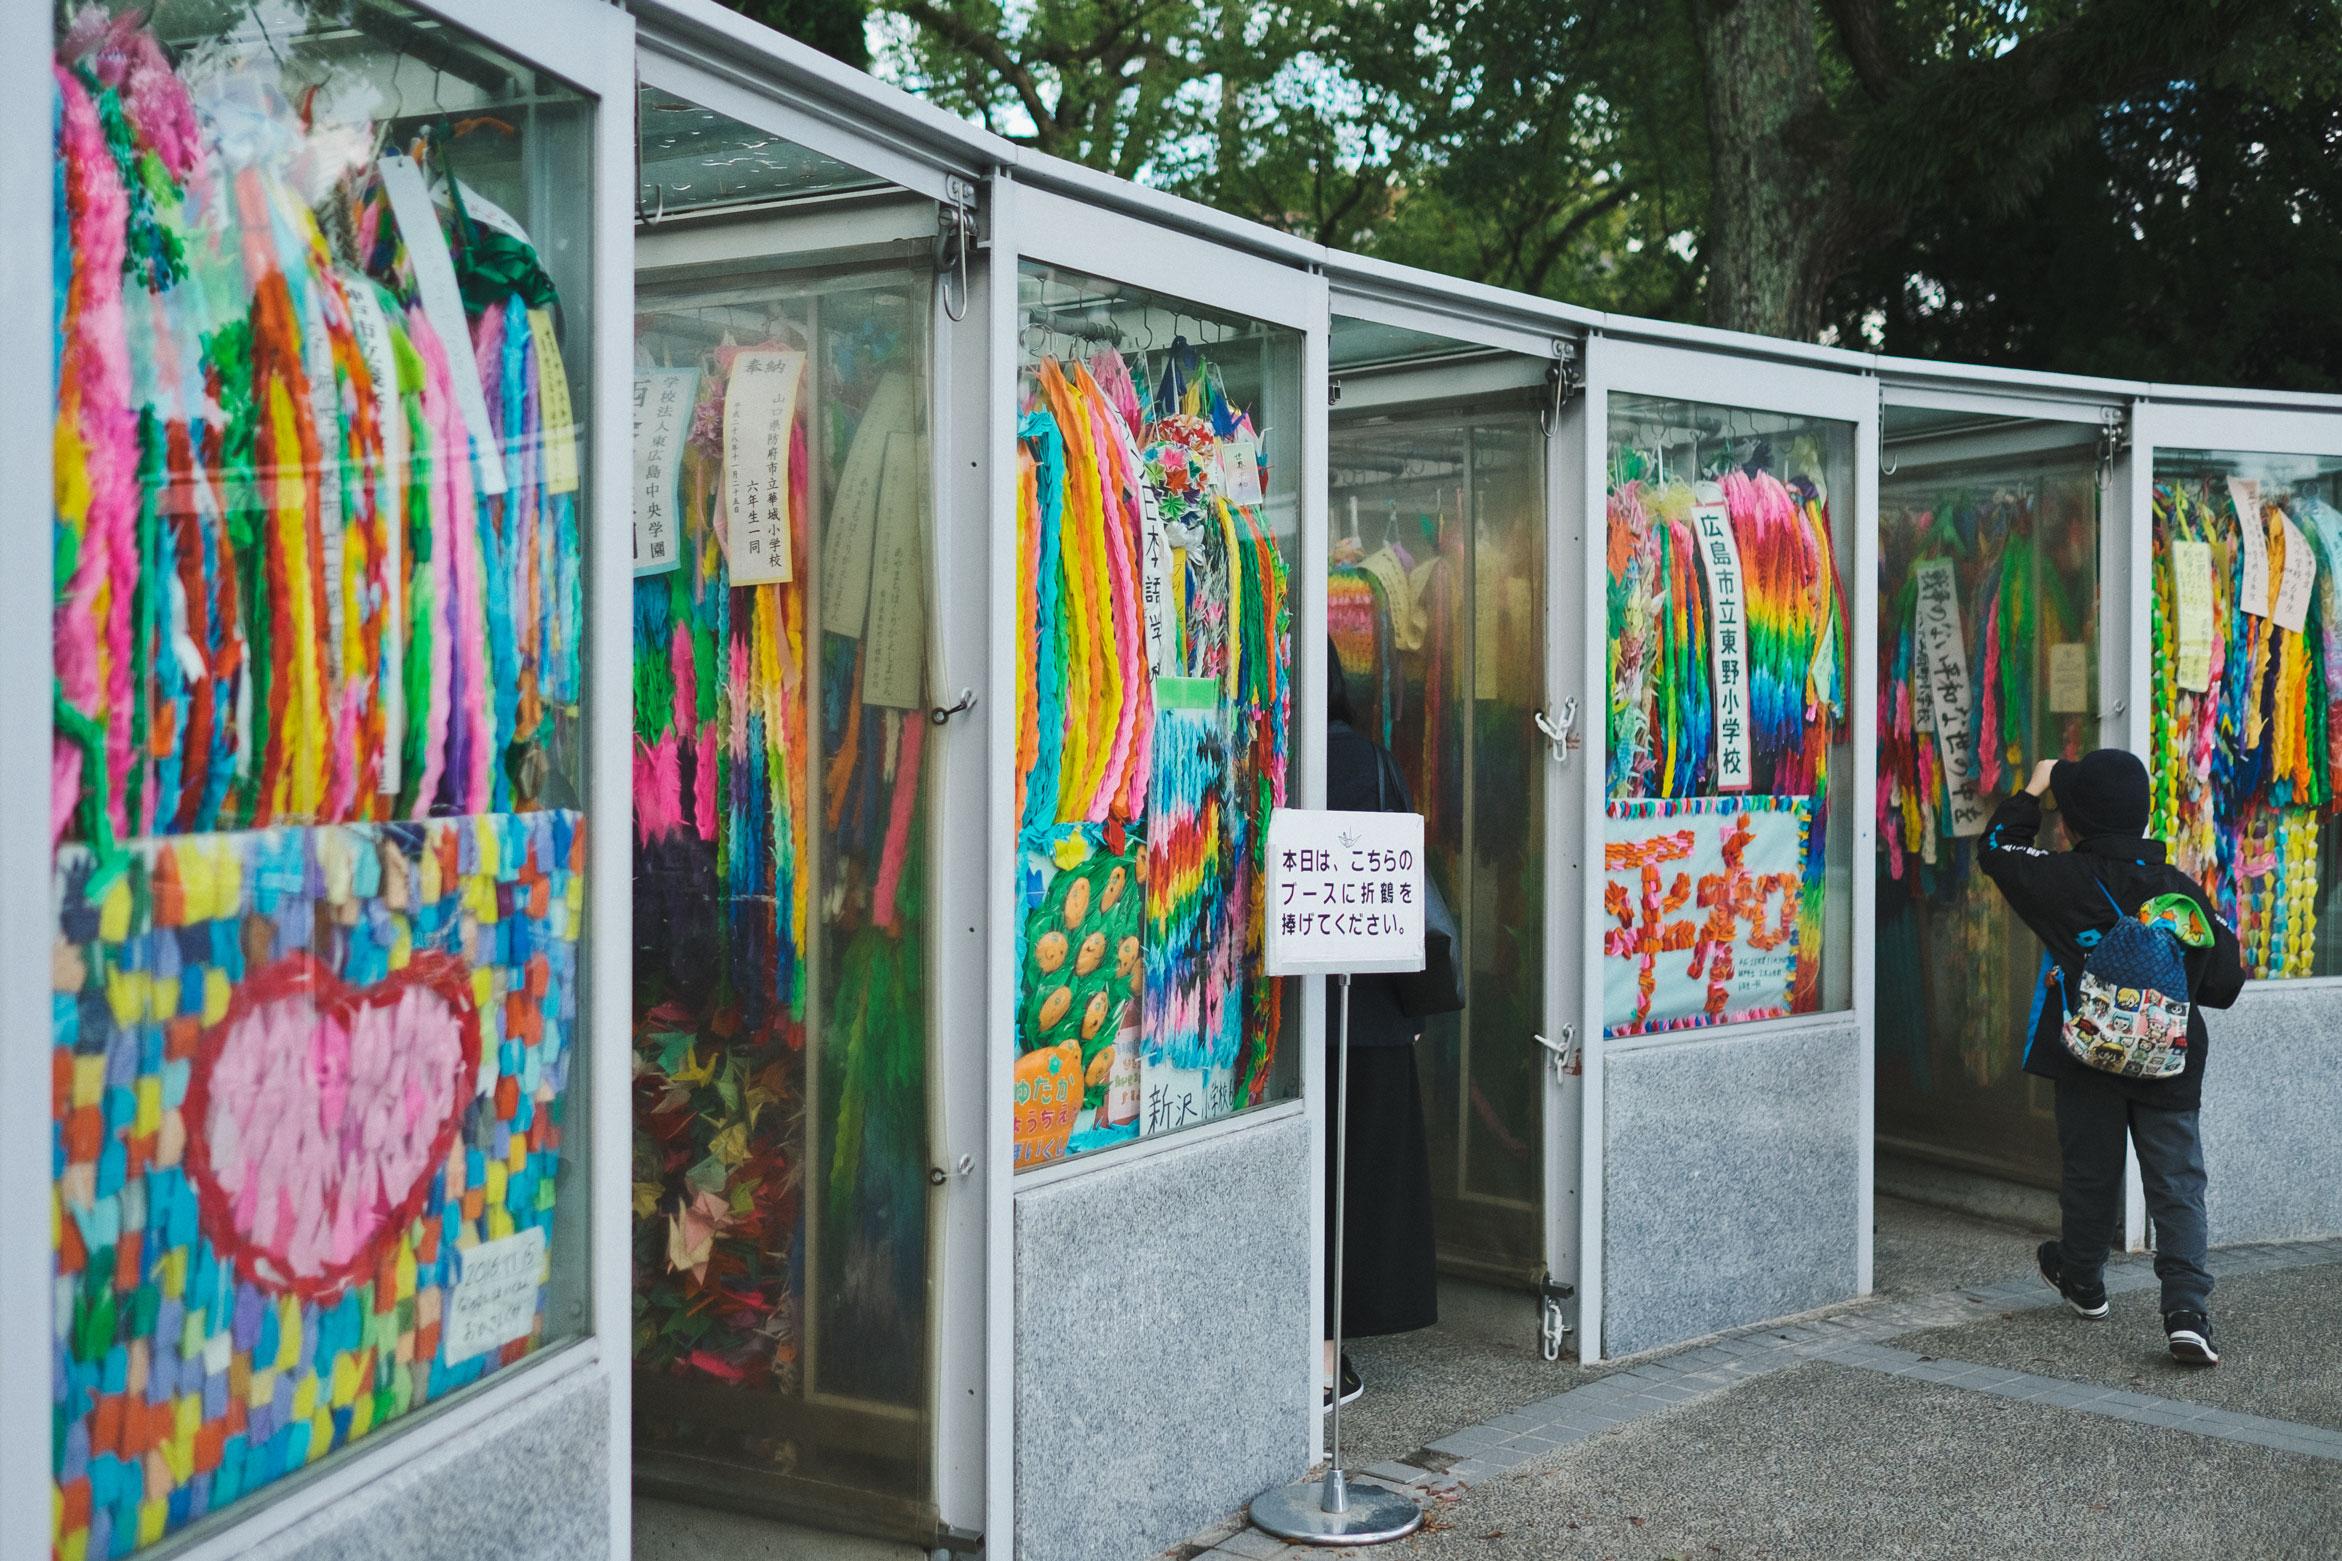 Hiroshima_Japan_Travel_Diary_58.jpg